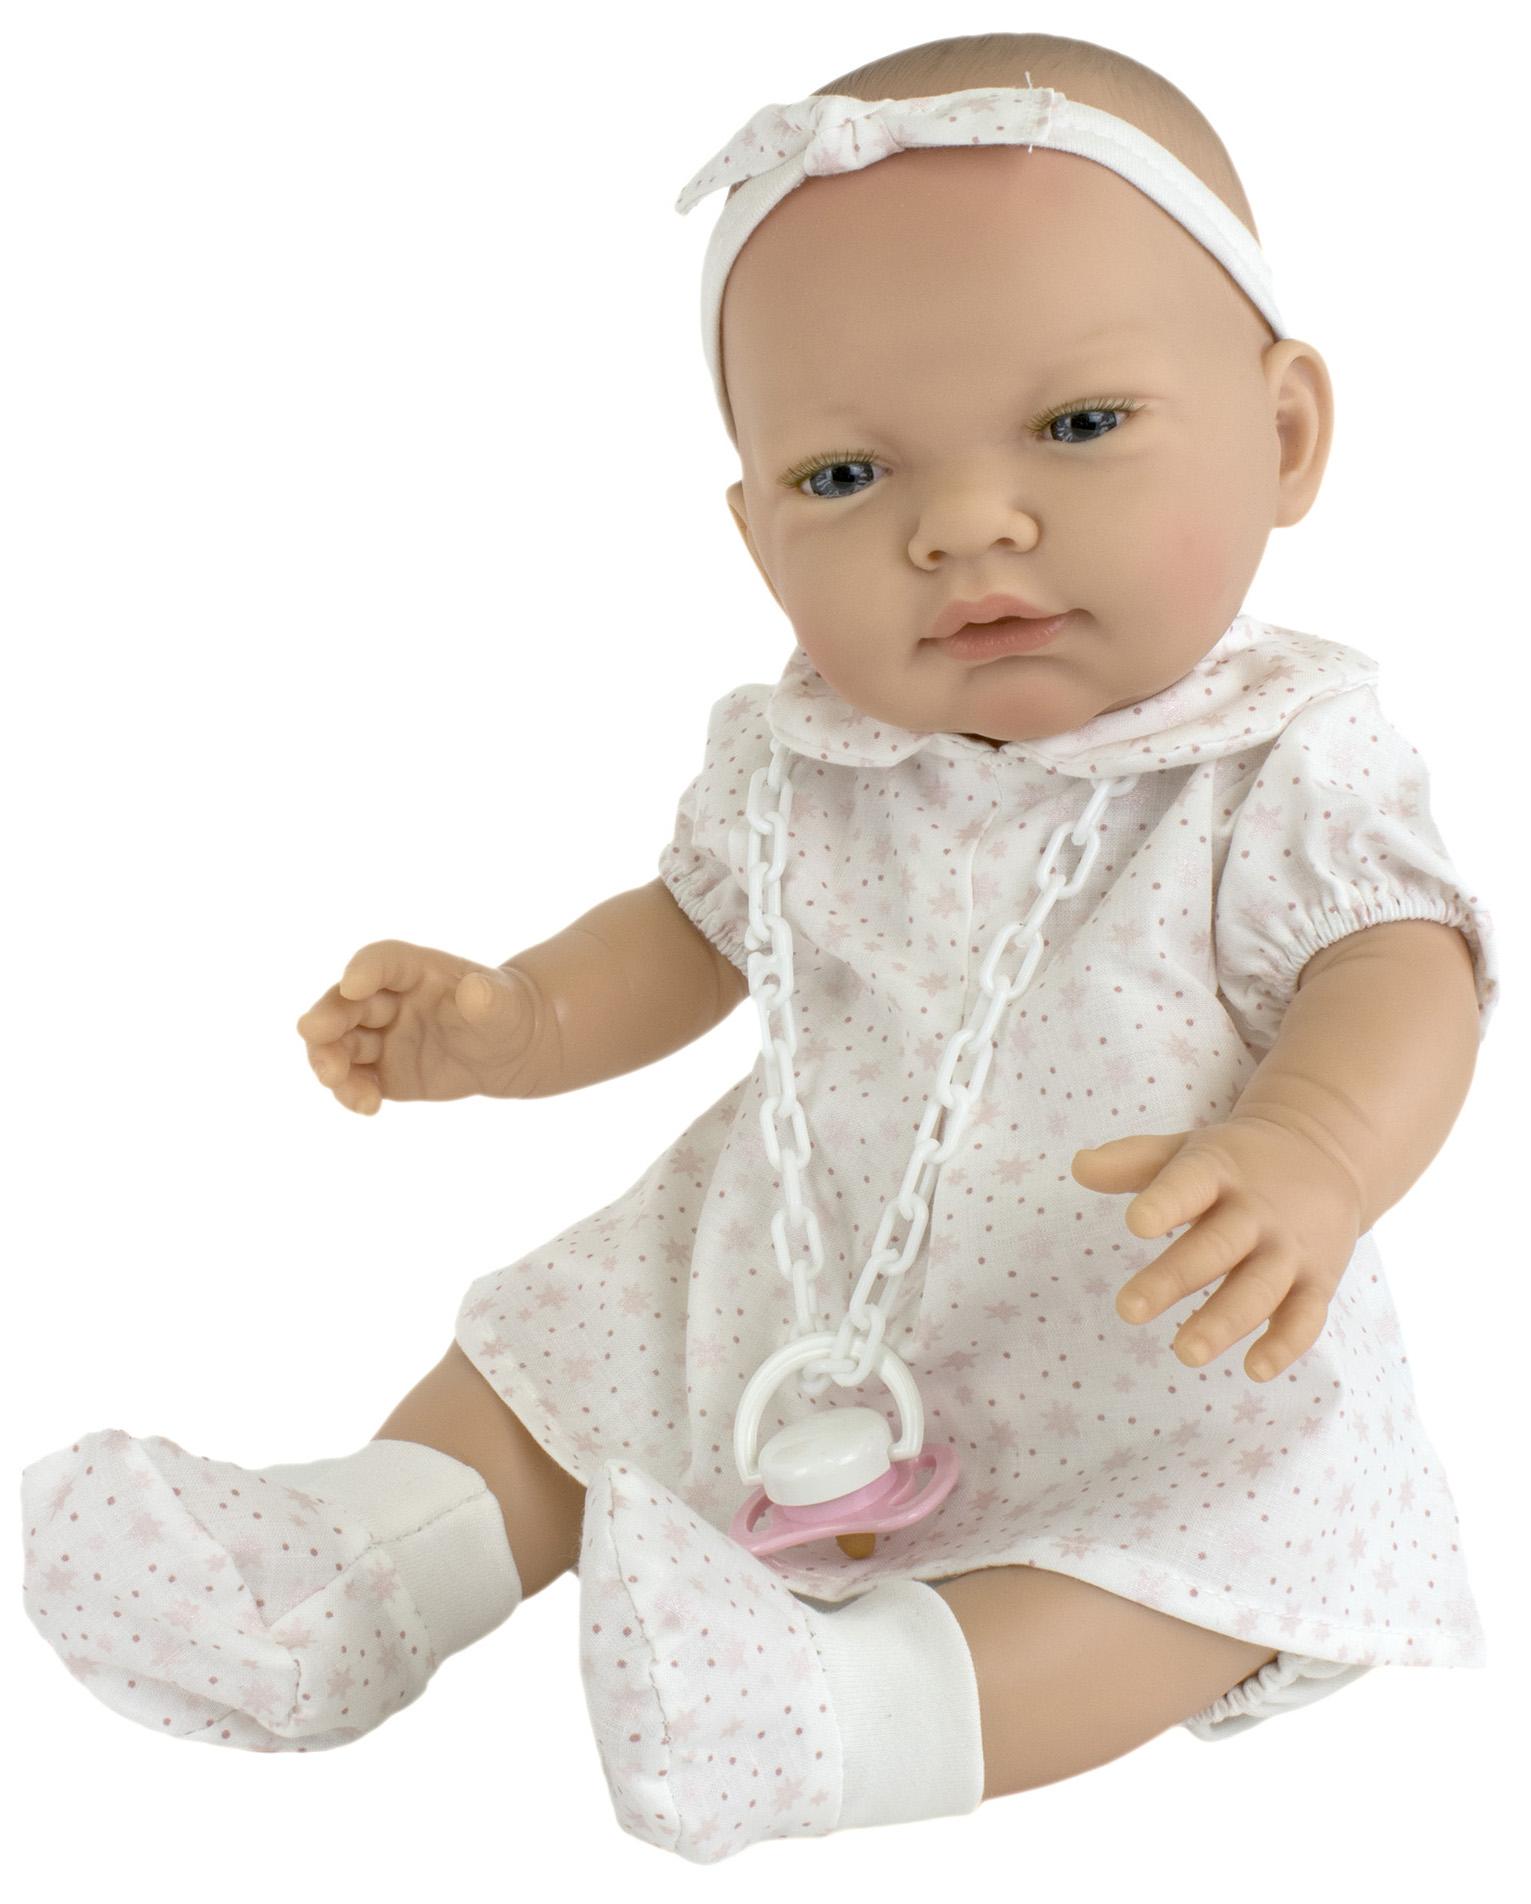 Пупс Nines d'Onil Новорожденная малышка, в одежде из натурального хлопка